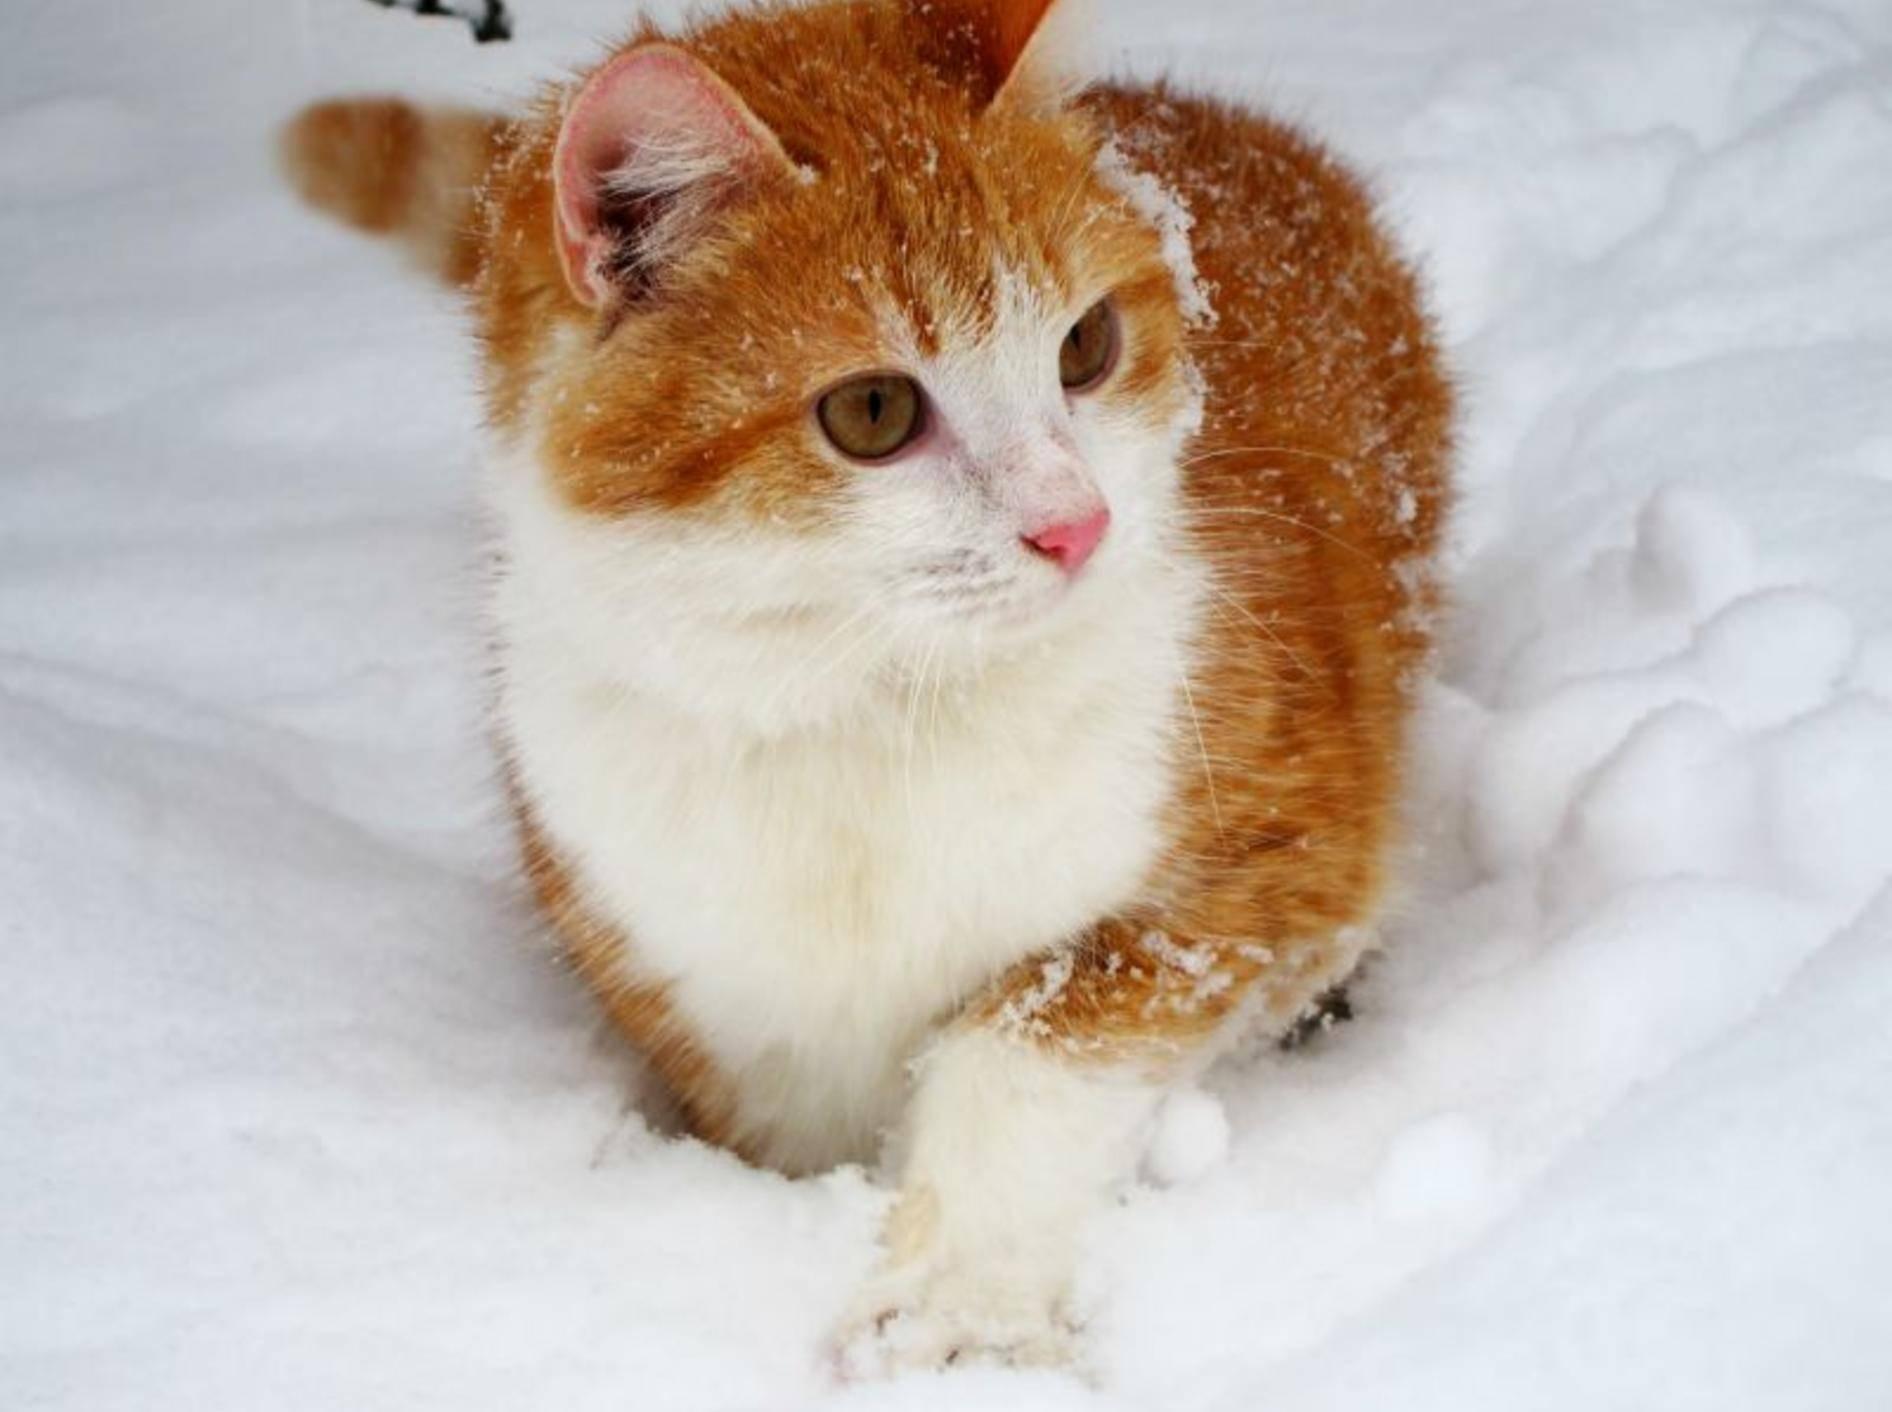 Ein geschützes Plätzchen und eine kleine Stärkung: Für Struner im Winter ein Segen – Bild: Shutterstock / Roman Prishenko